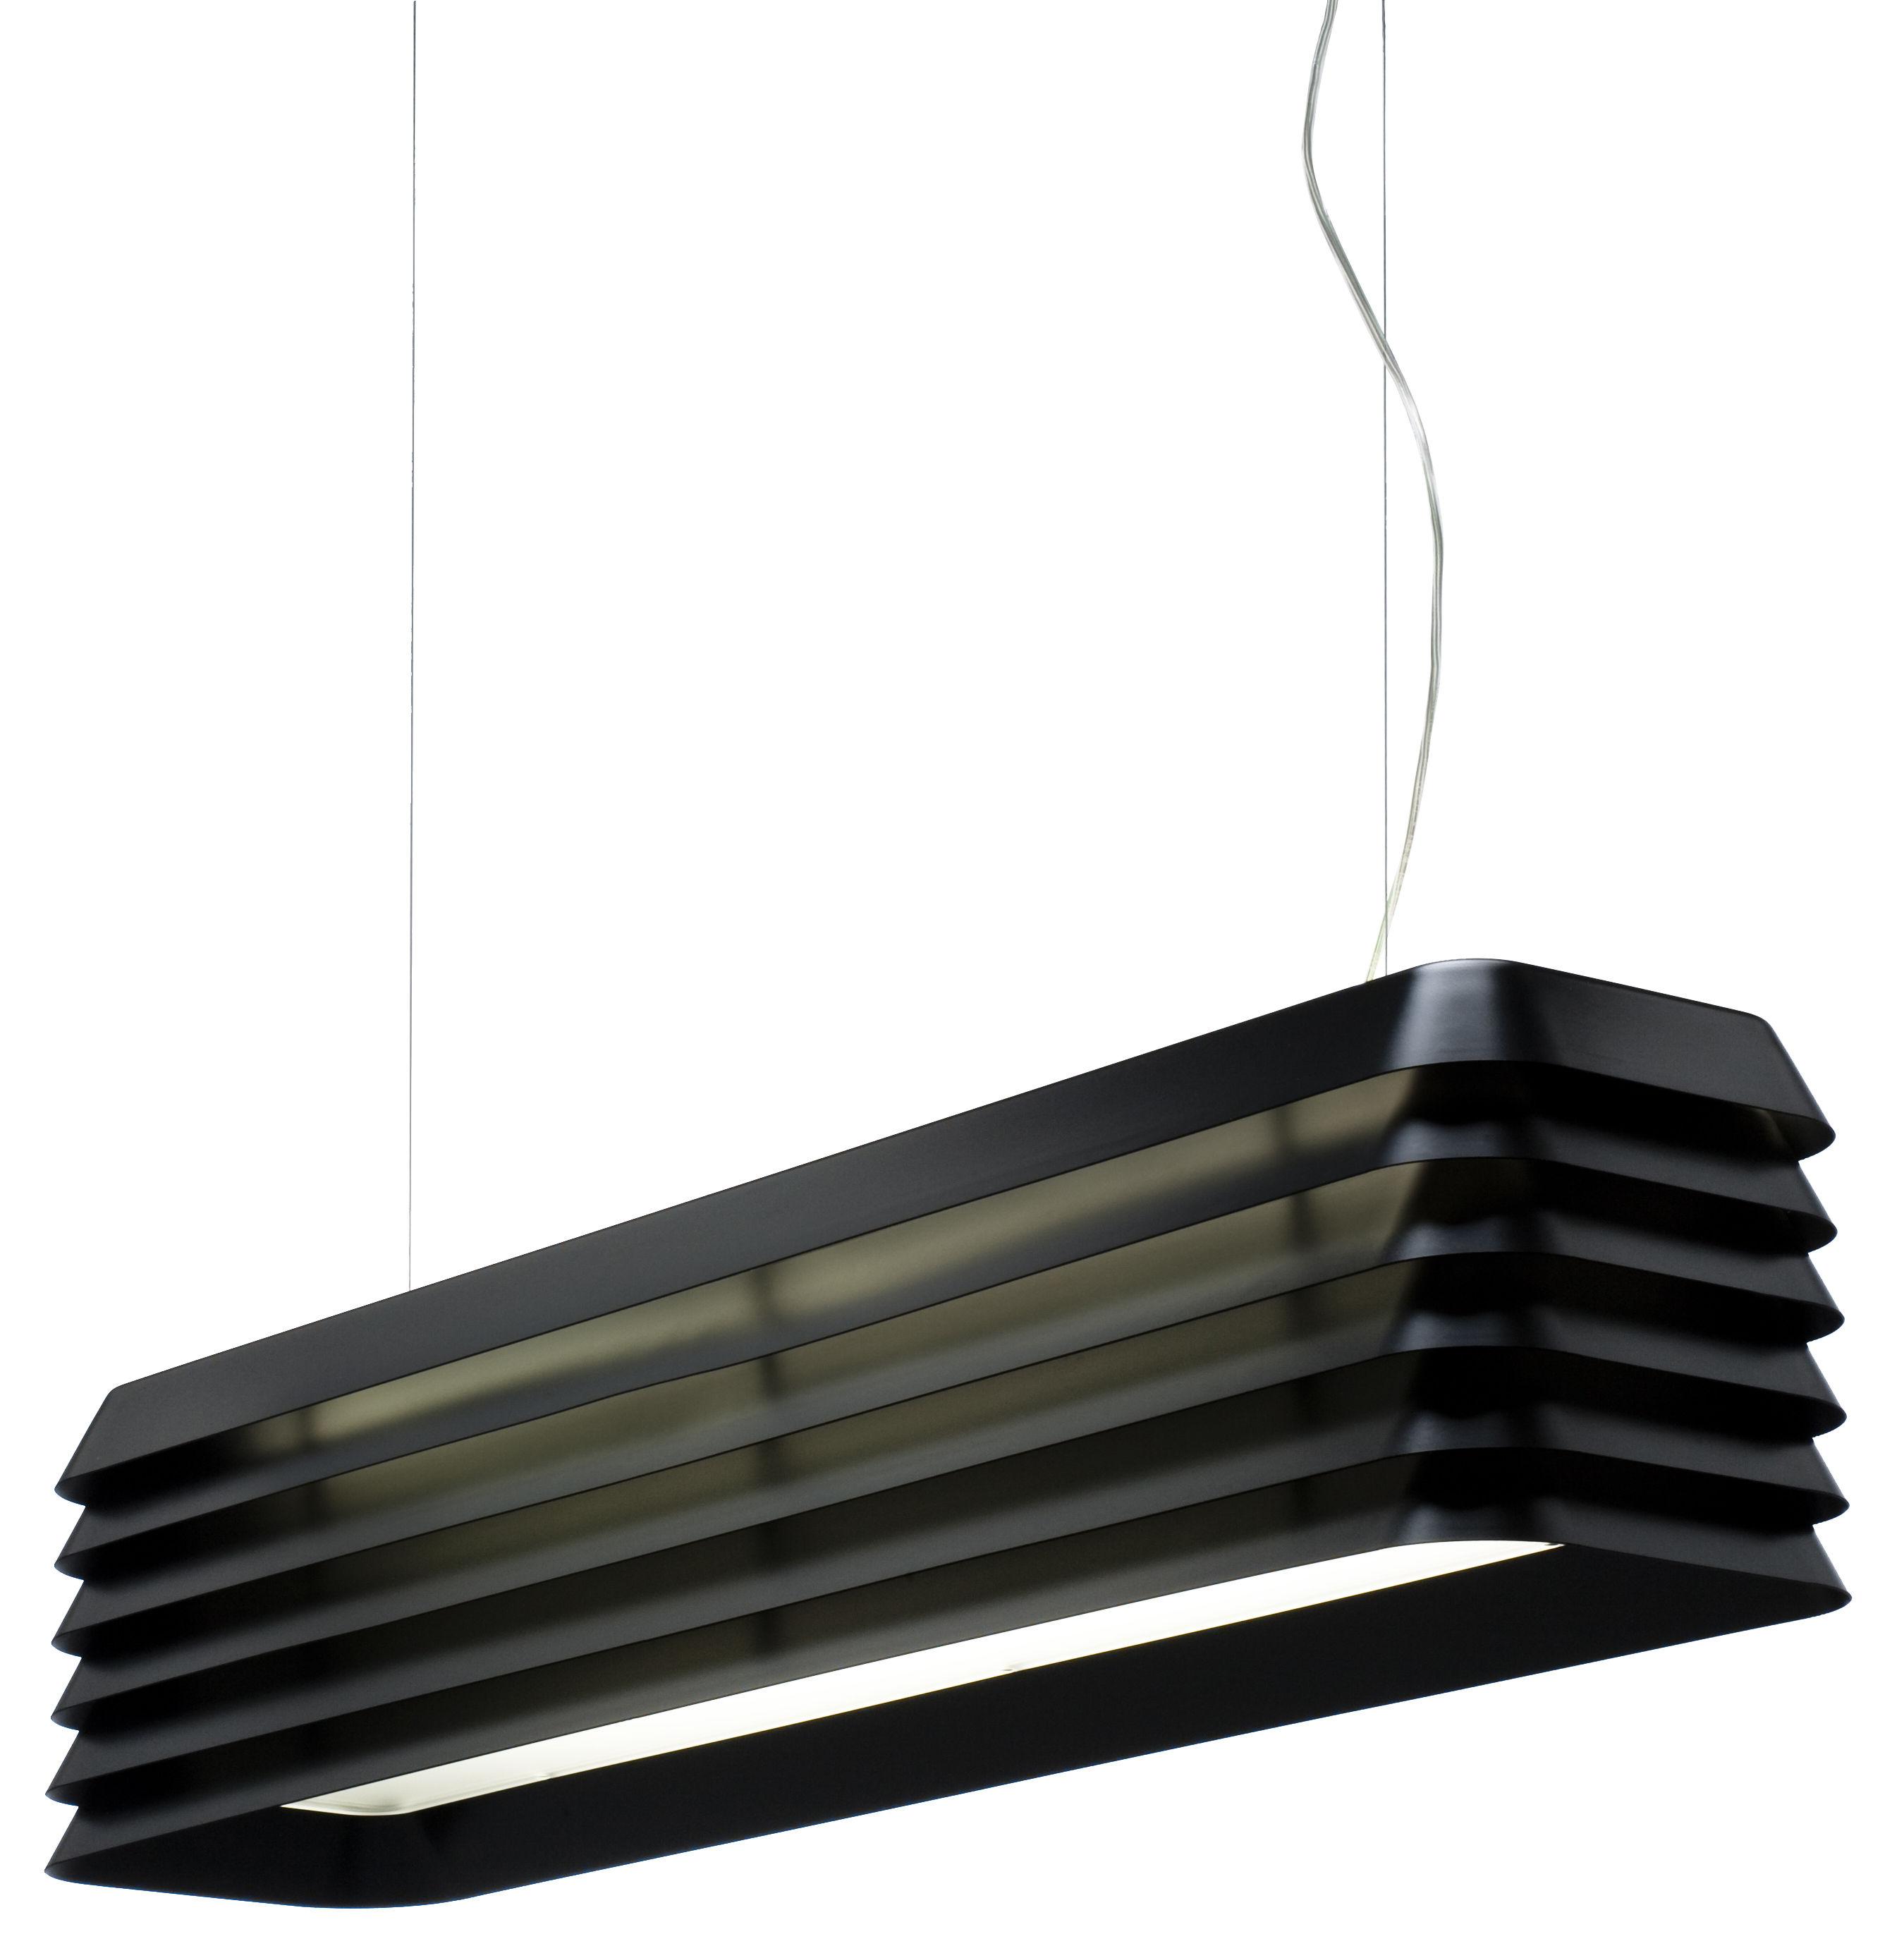 Luminaire - Suspensions - Suspension Louvre Light - Established & Sons - Noir anodisé - Aluminium anodisé